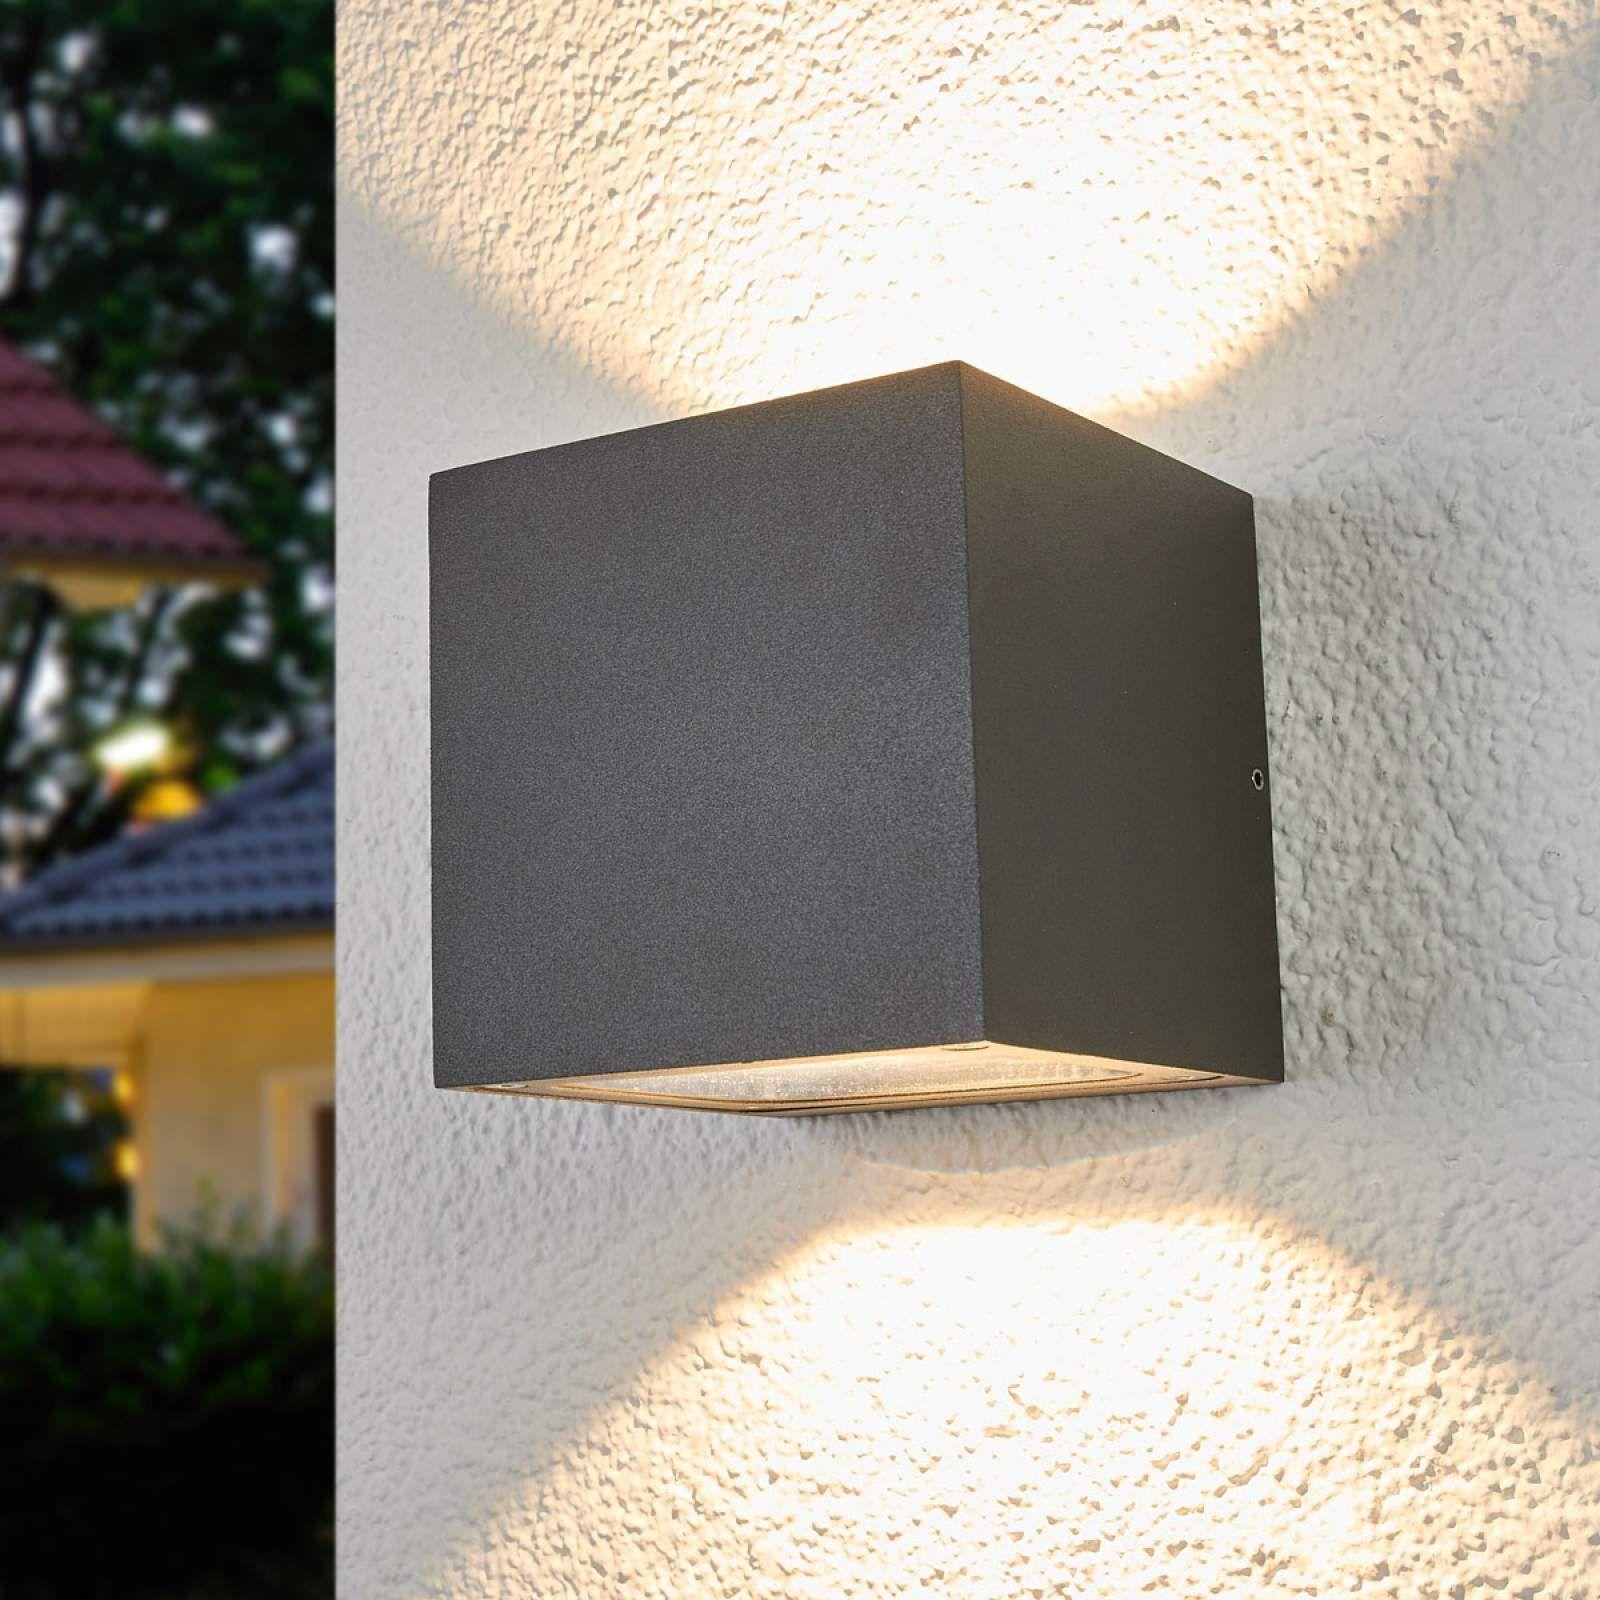 Moderne Aussenwandleuchte Von Lucande Grau Aussenwandlampen Led Und Lampen